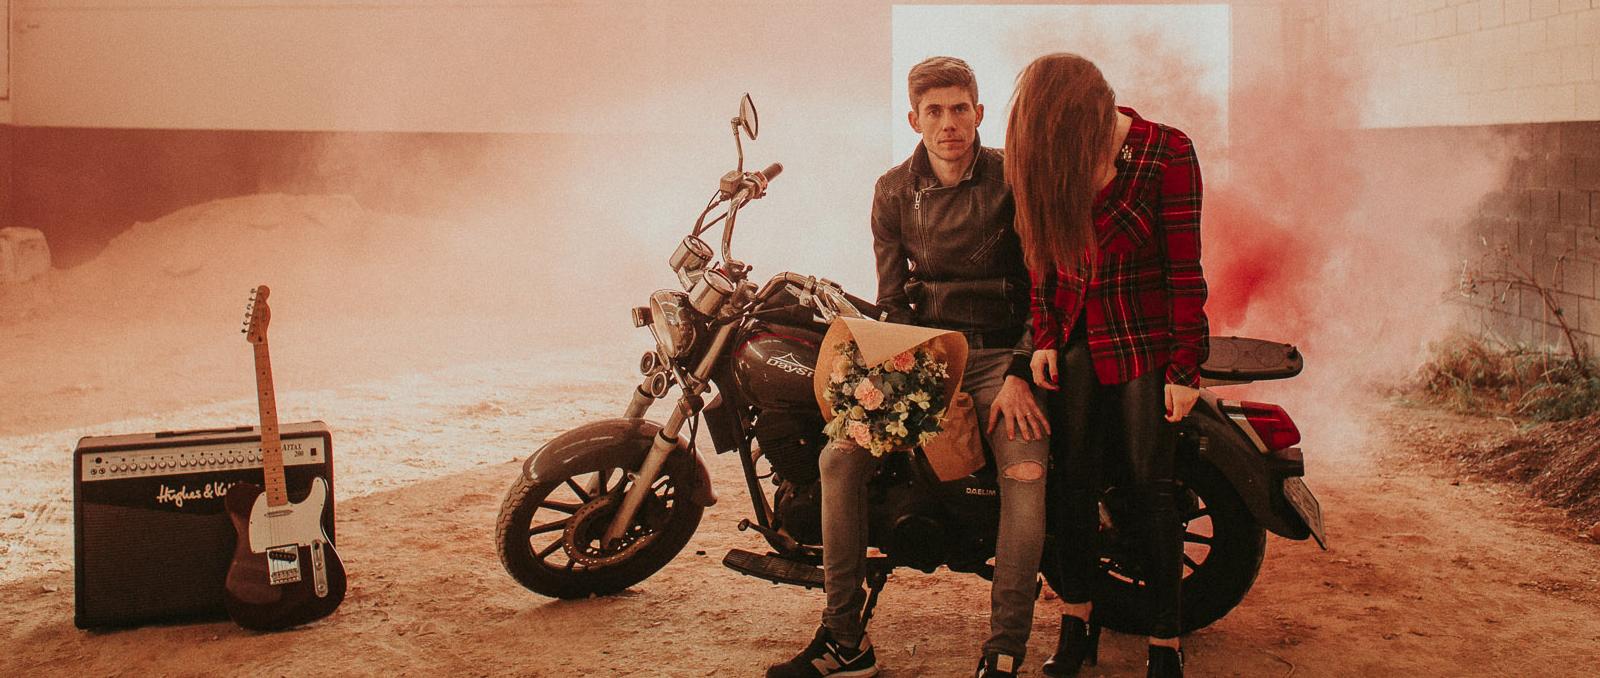 sobre-nosotros-ramsnroses-moto